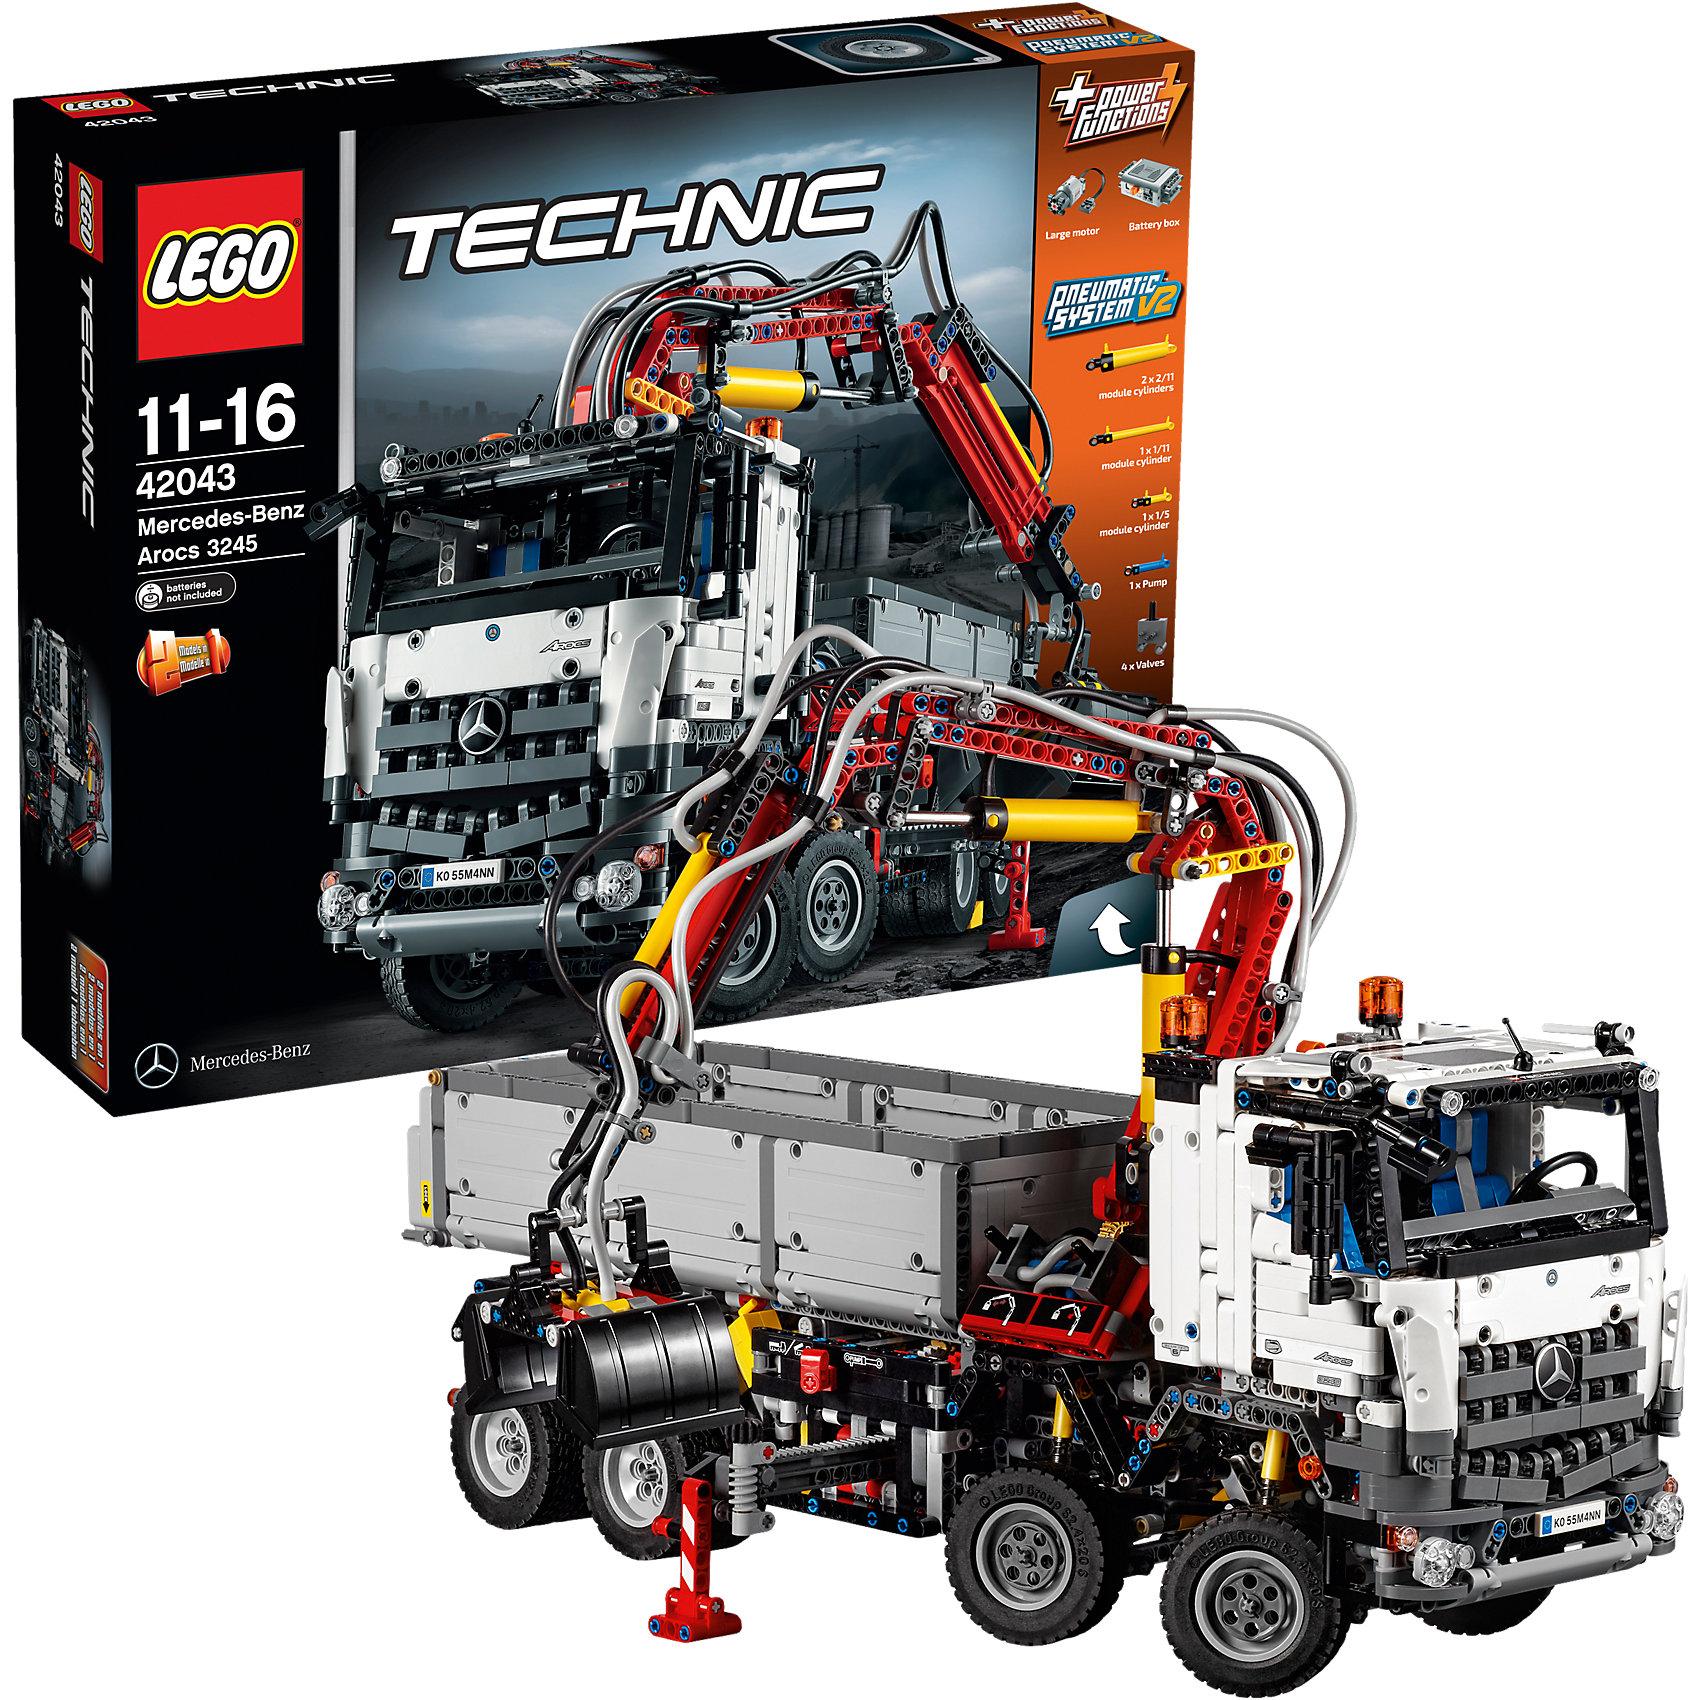 LEGO Technic 42043: Mercedes-Benz Arocs 3245Характеристики:<br><br>• Предназначение: набор для конструирования, сюжетно-ролевые игры<br>• Пол: для мальчиков<br>• Материал: пластик<br>• Цвет: черный, серый, белый, желтый, бордовый<br>• Серия LEGO: Technic<br>• Размер упаковки (Д*Ш*В): 58,2*12,4*48 см<br>• Вес: 4 кг 490 г<br>• Количество деталей: 2793 шт.<br>• Наличие двигающихся, регулируемых, управляемых элементов<br>• Наличие мотора, пневматическая система<br>• Комплектация: детали для конструирования 2-х вариантов грузового транспорта<br>• Батарейки: 6 шт. типа АА (в комплекте не предусмотрены)<br><br>LEGO Technic 42043: Mercedes-Benz Arocs 3245 – набор от всемирно известного производителя конструкторов для детей всех возрастных категорий. LEGO 42043: Mercedes-Benz Arocs 3245 является базовым набором повышенной сложности серии Technic. Элементы конструктора позволяют сконструировать 2 варианта грузового транспорта: модель Mercedes-Benz Arocs или строительный грузовик Mercedes-Benz. Разнообразие элементов позволят воссоздавать юному конструктору все реалистичные элементы и функции грузового транспорта: крутящиеся колеса, управляемый и регулируемый стрела, поворот кузова, выносные опоры и др. Кроме того, внутренняя часть кабины водителя выполнена с высокой степенью детализации реального прототипа. В комплекте предусмотрена яркая инструкция, которая научит вашего ребенка действовать по образцу. <br>Игры с конструкторами LEGO развивают усидчивость, внимательность, мелкую моторику рук, способствуют формированию конструкторского мышления. С набором LEGO Technic 42043: Mercedes-Benz Arocs 3245 ваш ребенок сможет придумывать целые сюжетные истории, развивая тем самым воображение и обогащая свой словарный запас. <br><br>LEGO Technic 42043: Mercedes-Benz Arocs 3245 можно купить в нашем интернет-магазине.<br><br>Ширина мм: 584<br>Глубина мм: 472<br>Высота мм: 132<br>Вес г: 4504<br>Возраст от месяцев: 132<br>Возраст до месяцев: 192<br>Пол: Мужской<br>Возраст: Детский<br>SKU: 